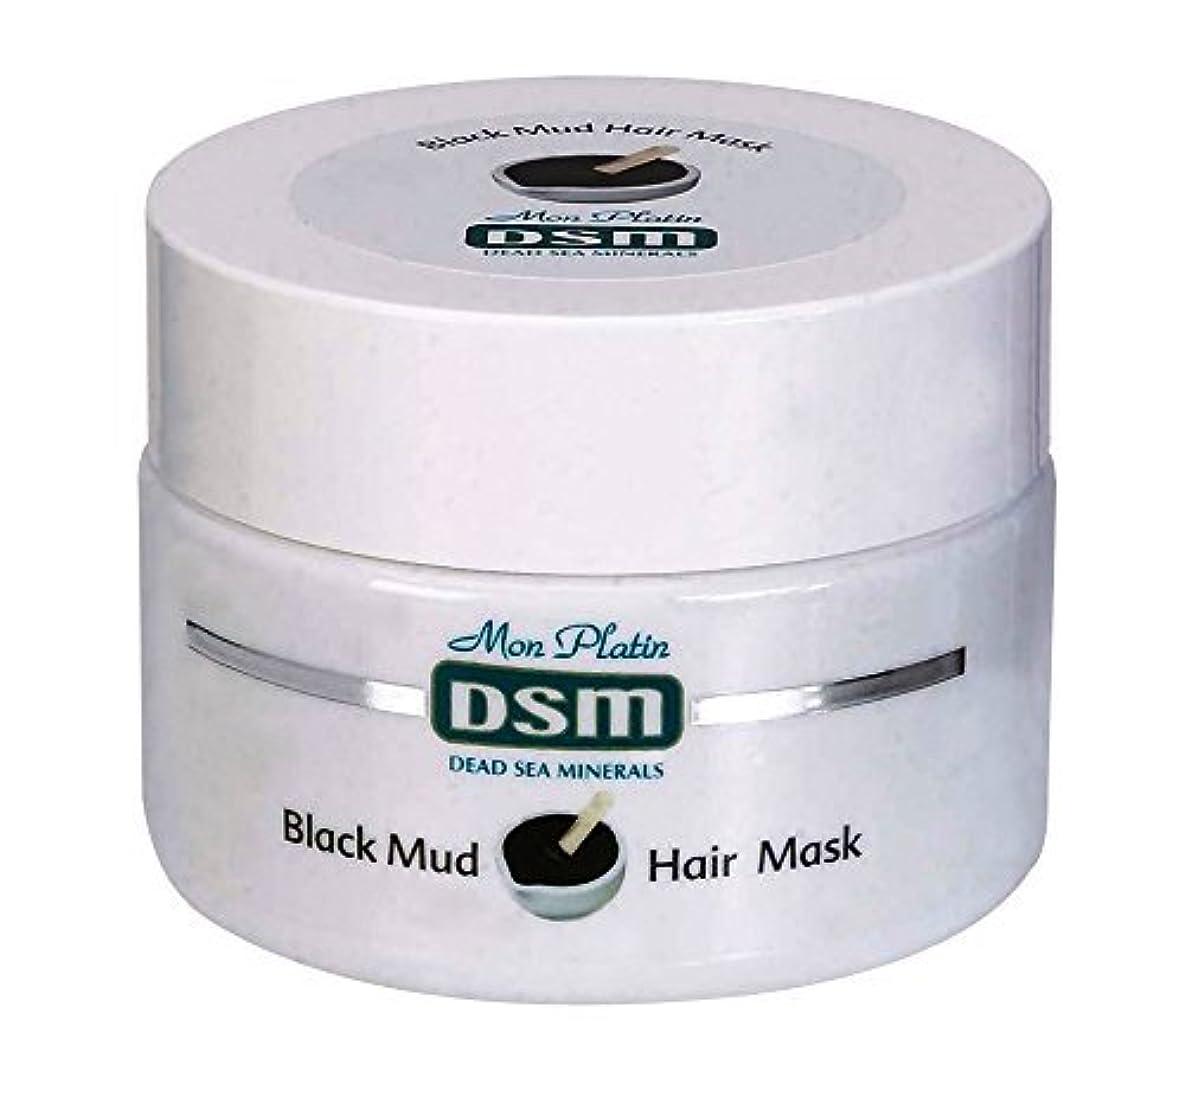 続編踏みつけ宙返り頭皮と髪のための髪の泥マスク 250mL 死海ミネラル 天然 お手入れ 美容 イスラエル 全皮膚タイプ ビタミン (Mud Hair Mask  for Scalp & Hair)